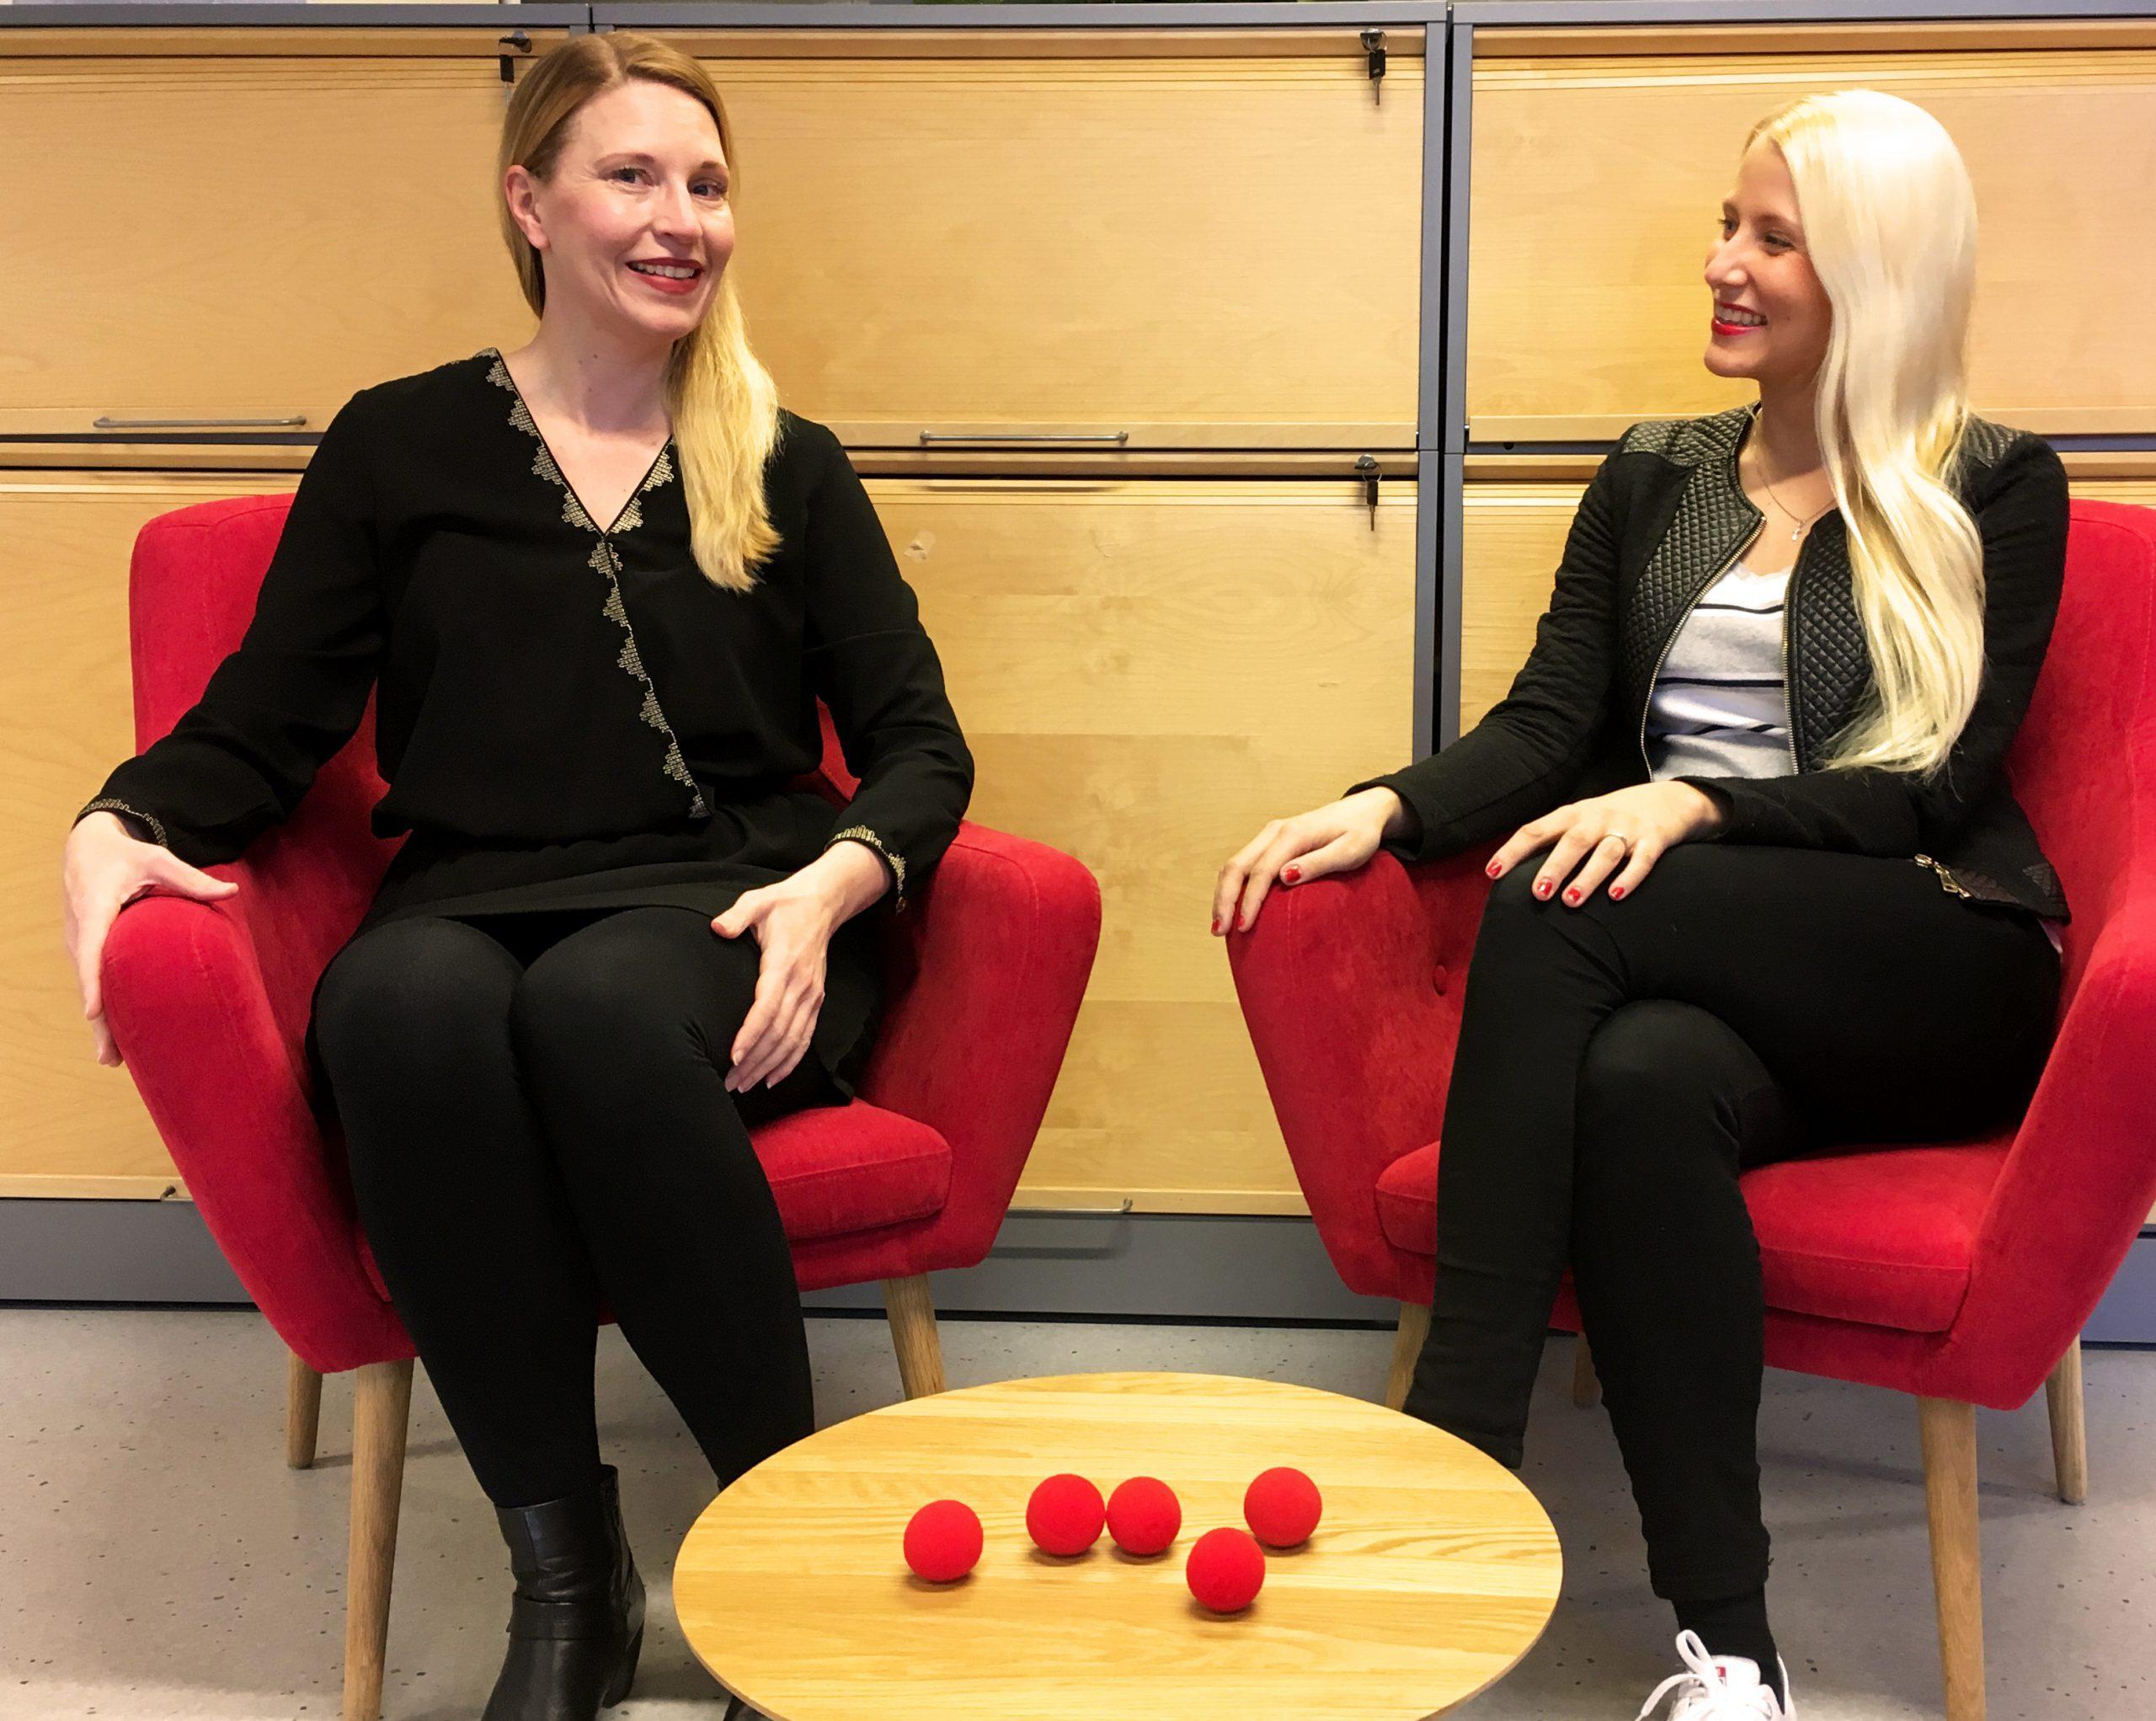 Tänä vuonna Nenäpäivä haastaa kaikki suomalaiset laittamaan hyvän liikkeelle, kertovat Riina Lipponen ja Benita Reinikka. Kuva: Päivi Korpela/Nenäpäivä